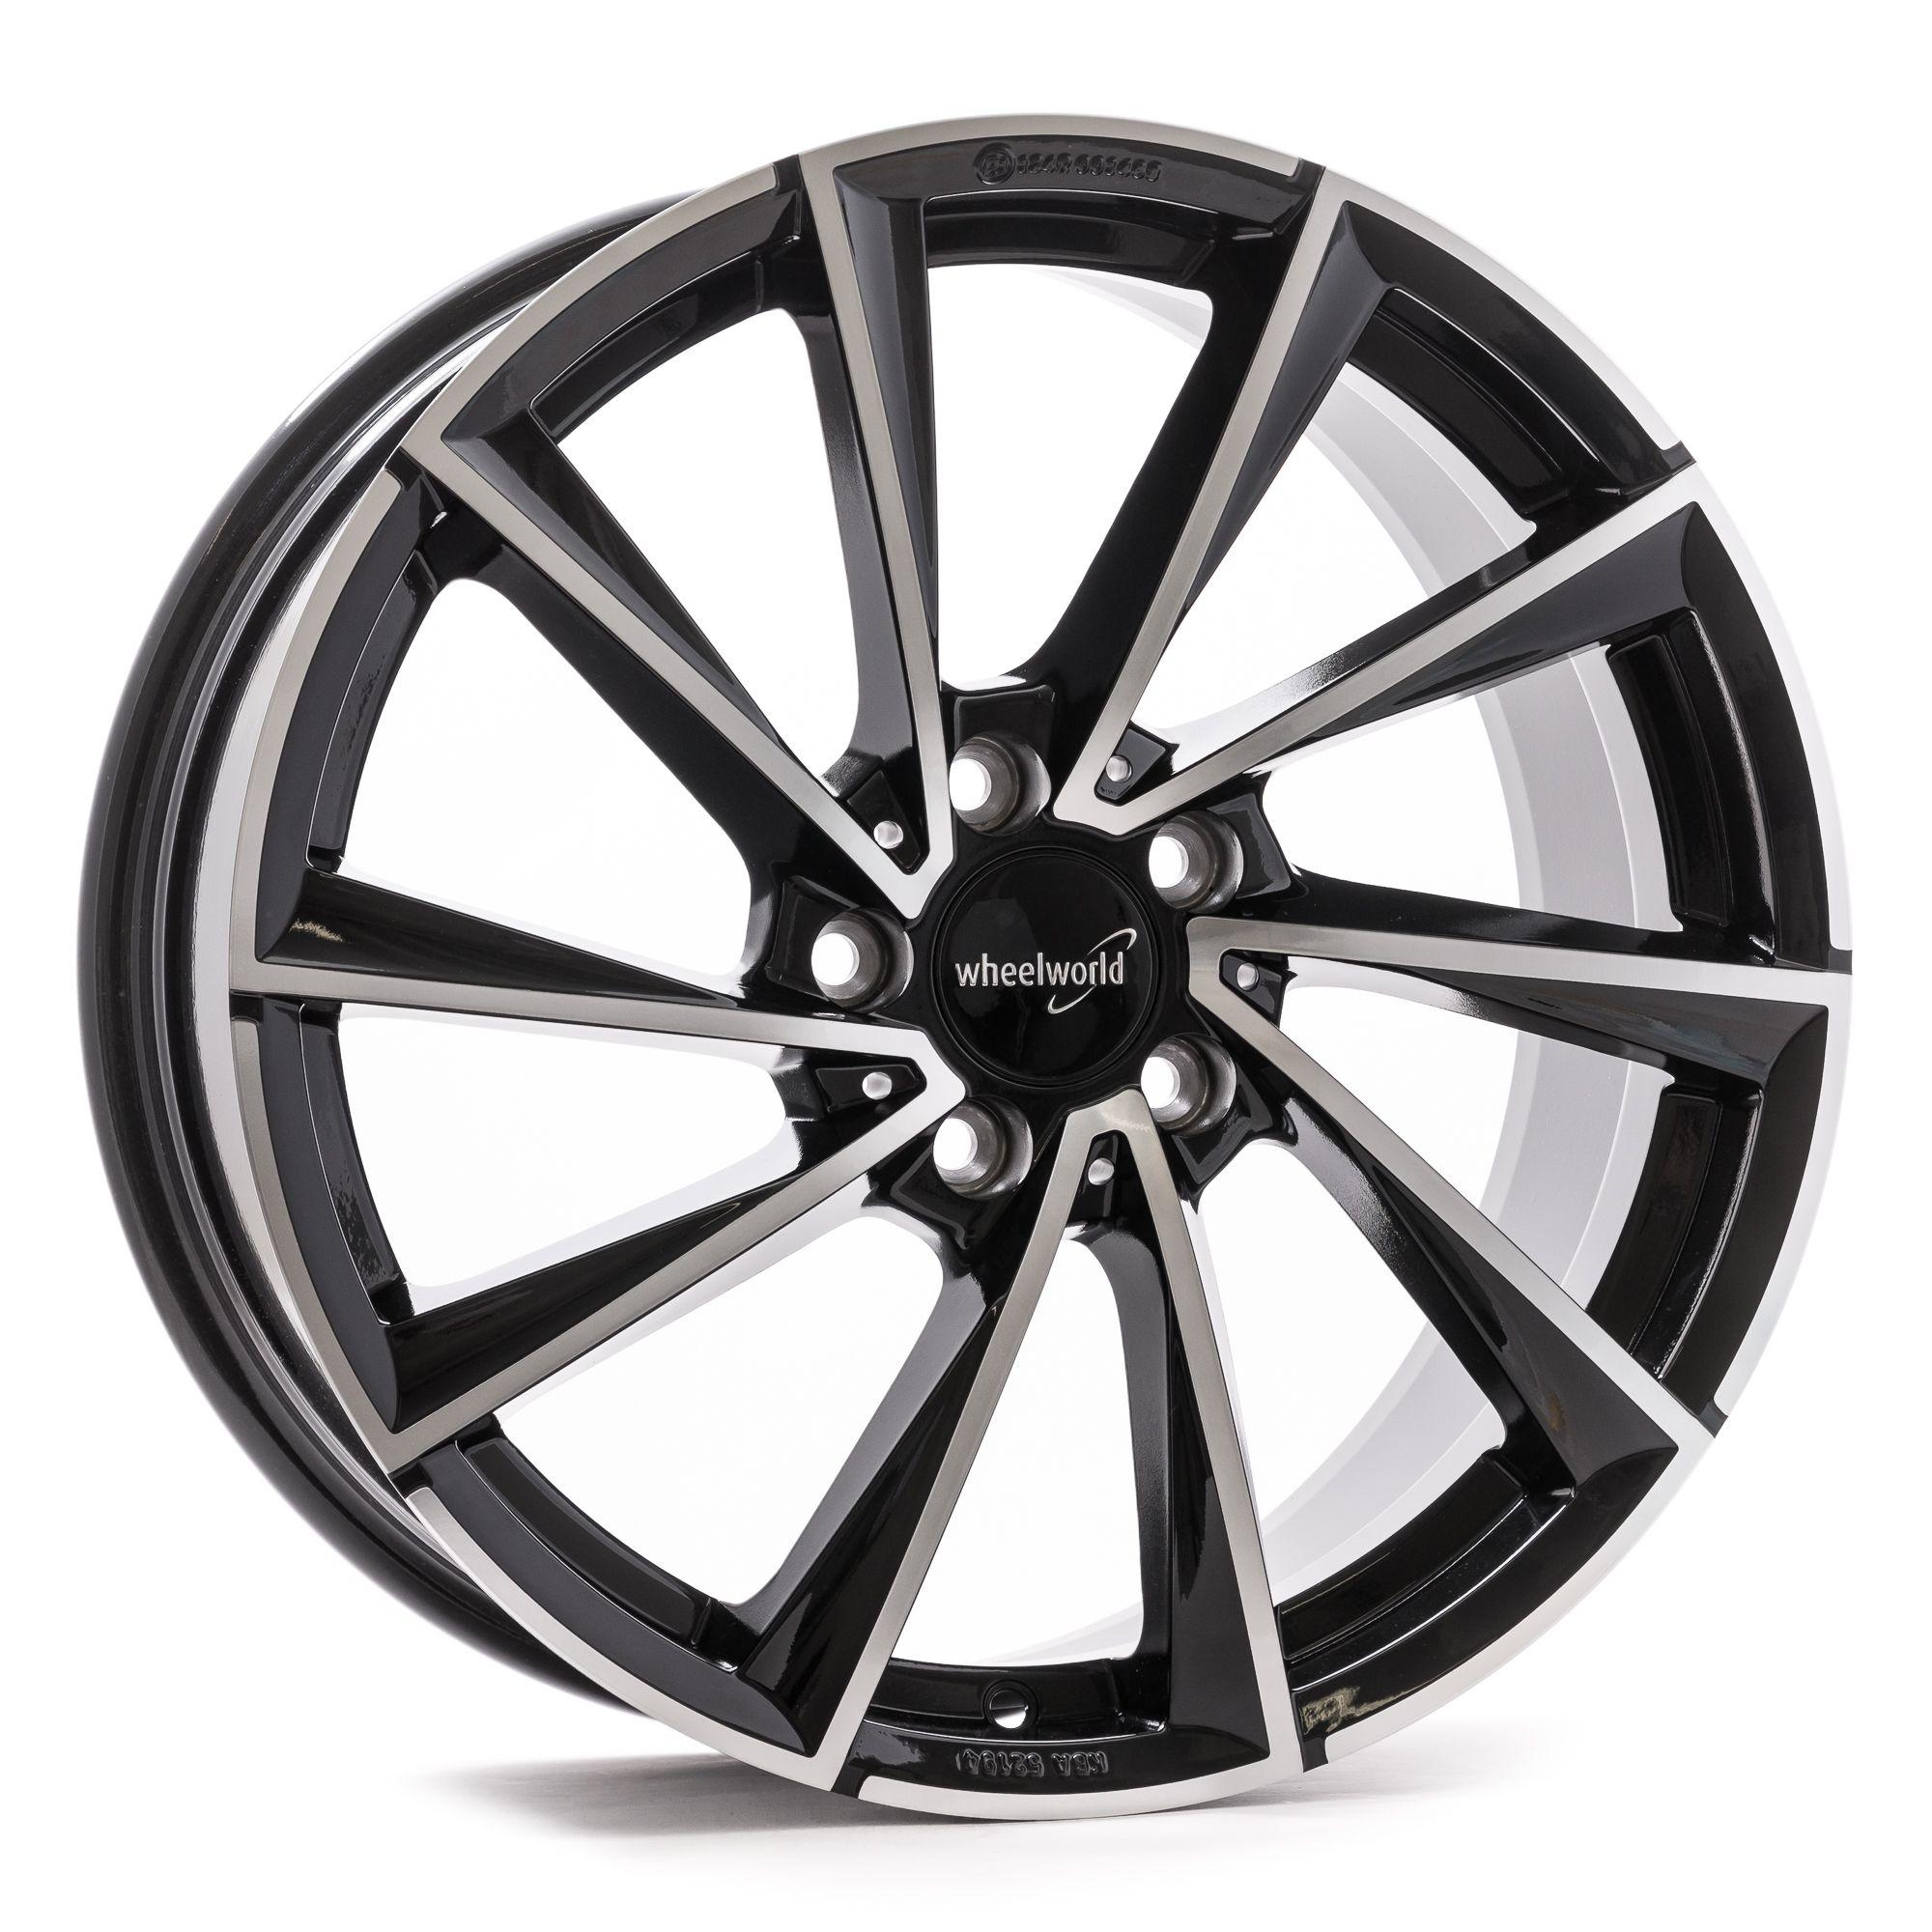 WheelWorld WH32 7x17 5x112 57,1 ET40